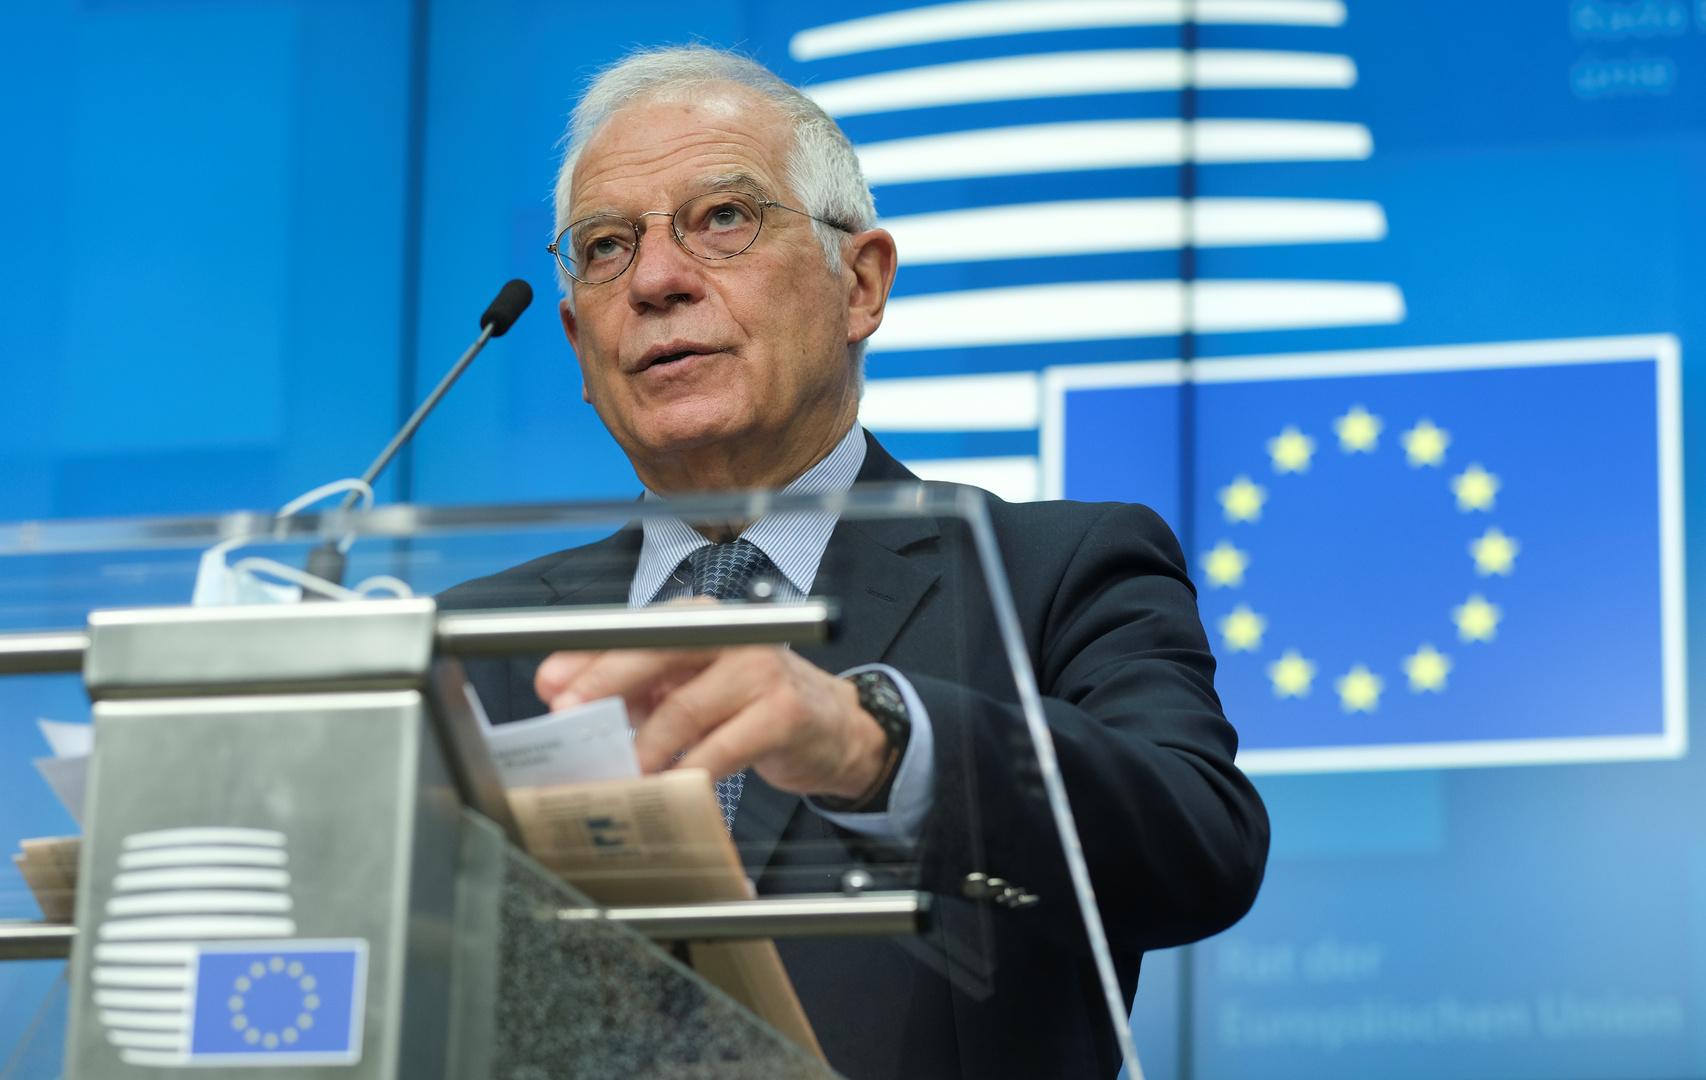 رئيس الدبلوماسية الأوروبية يحث واشنطن على مراجعة قرارها بشأن المحكمة الجنائية الدولية